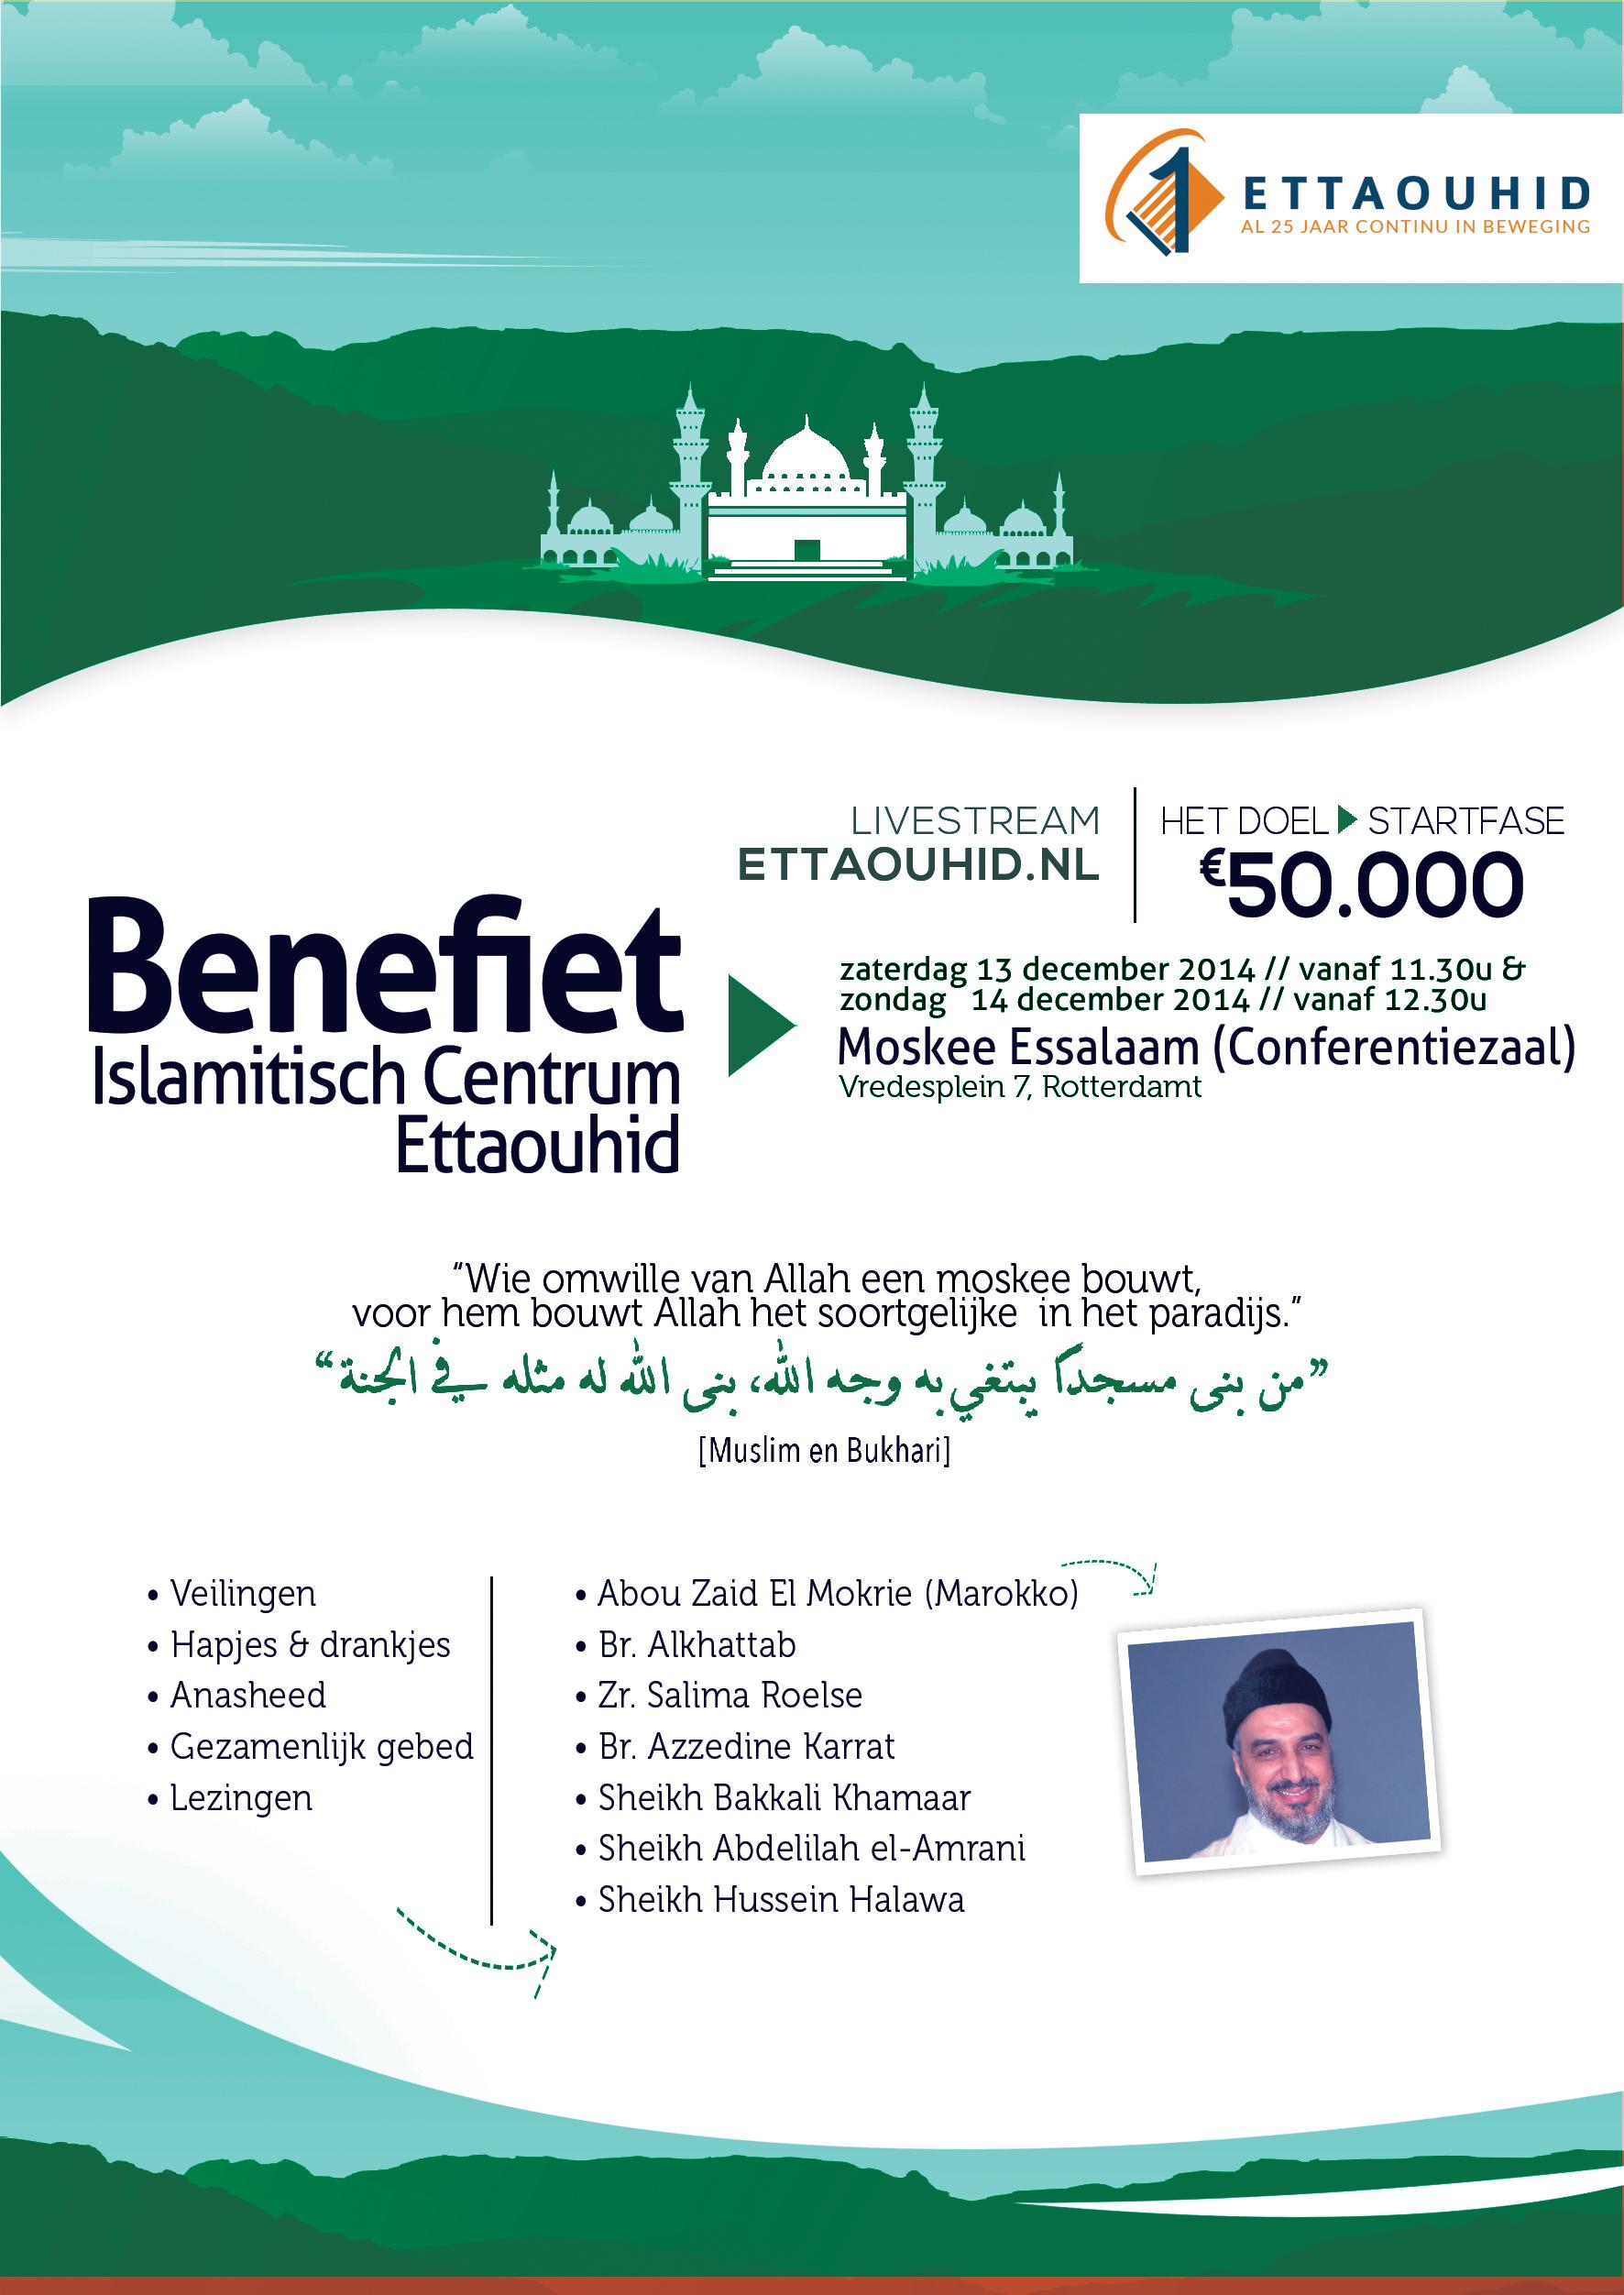 NL Benefiet Islamitisch Centrum Ettaouhid - za 13 & zo 14 dec 2014